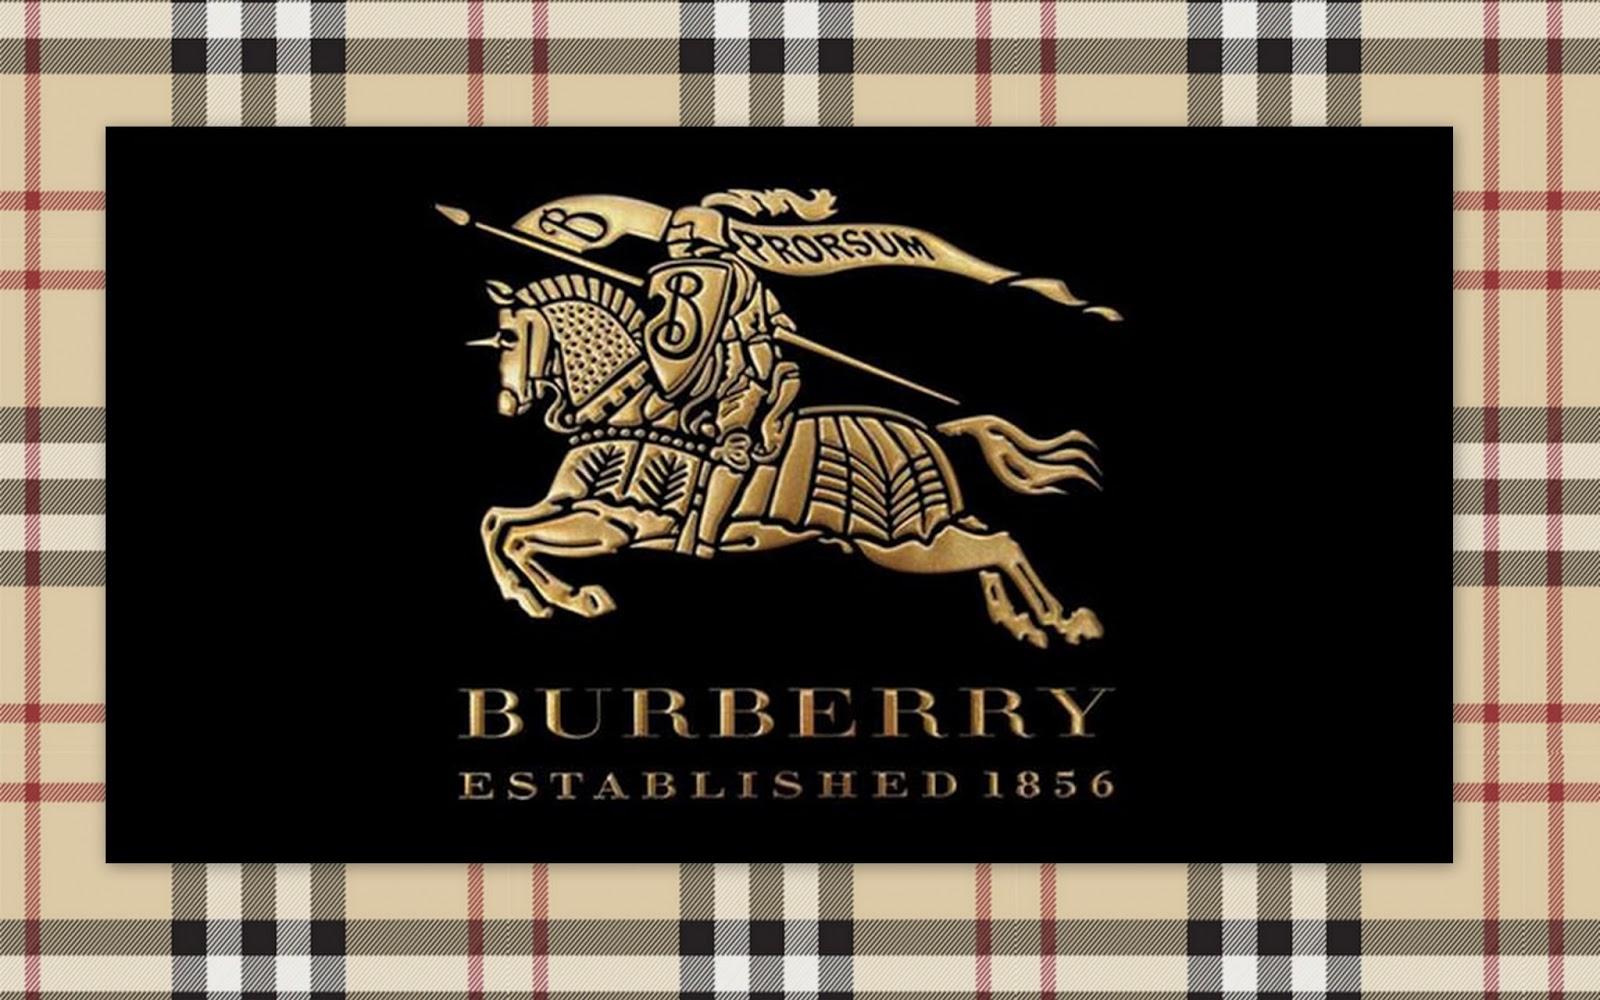 Canzone Pubblicità Burberry Luglio 2016